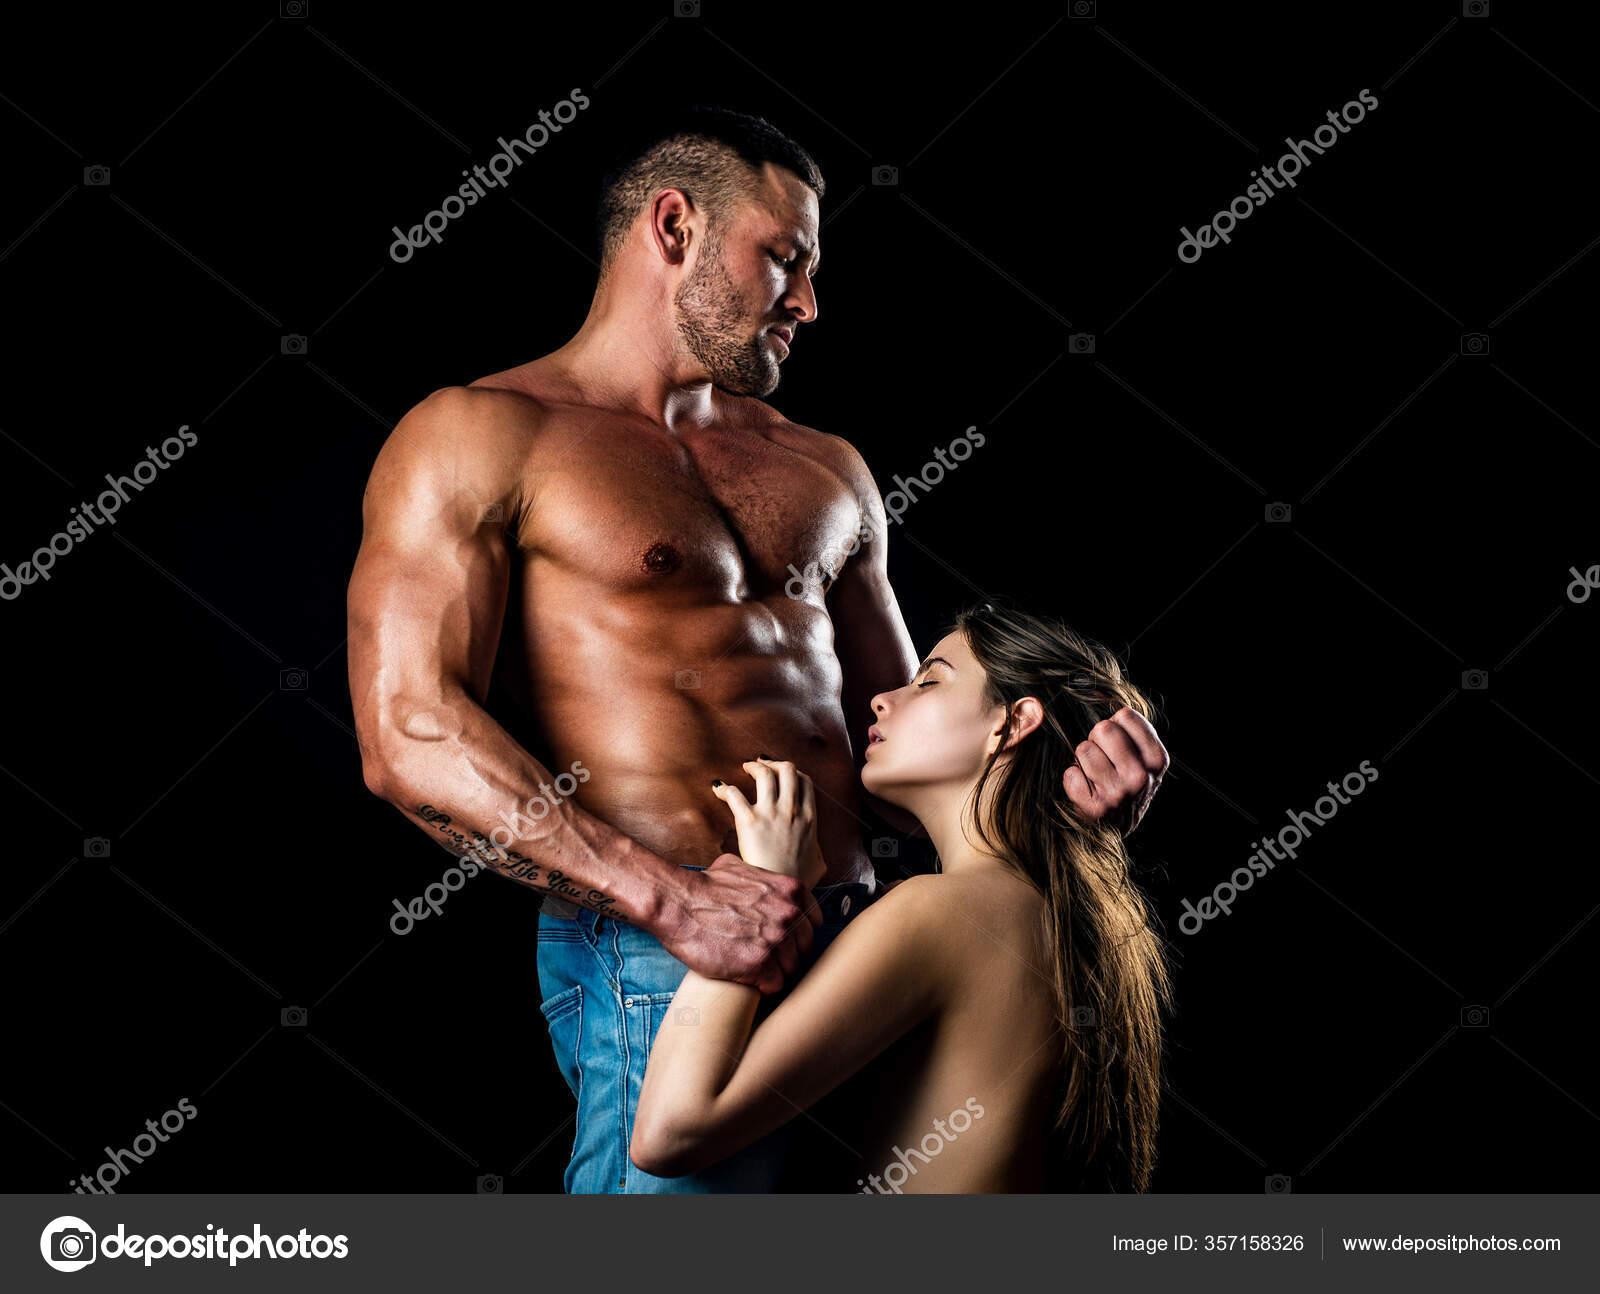 Sex so romantic Free Romantic